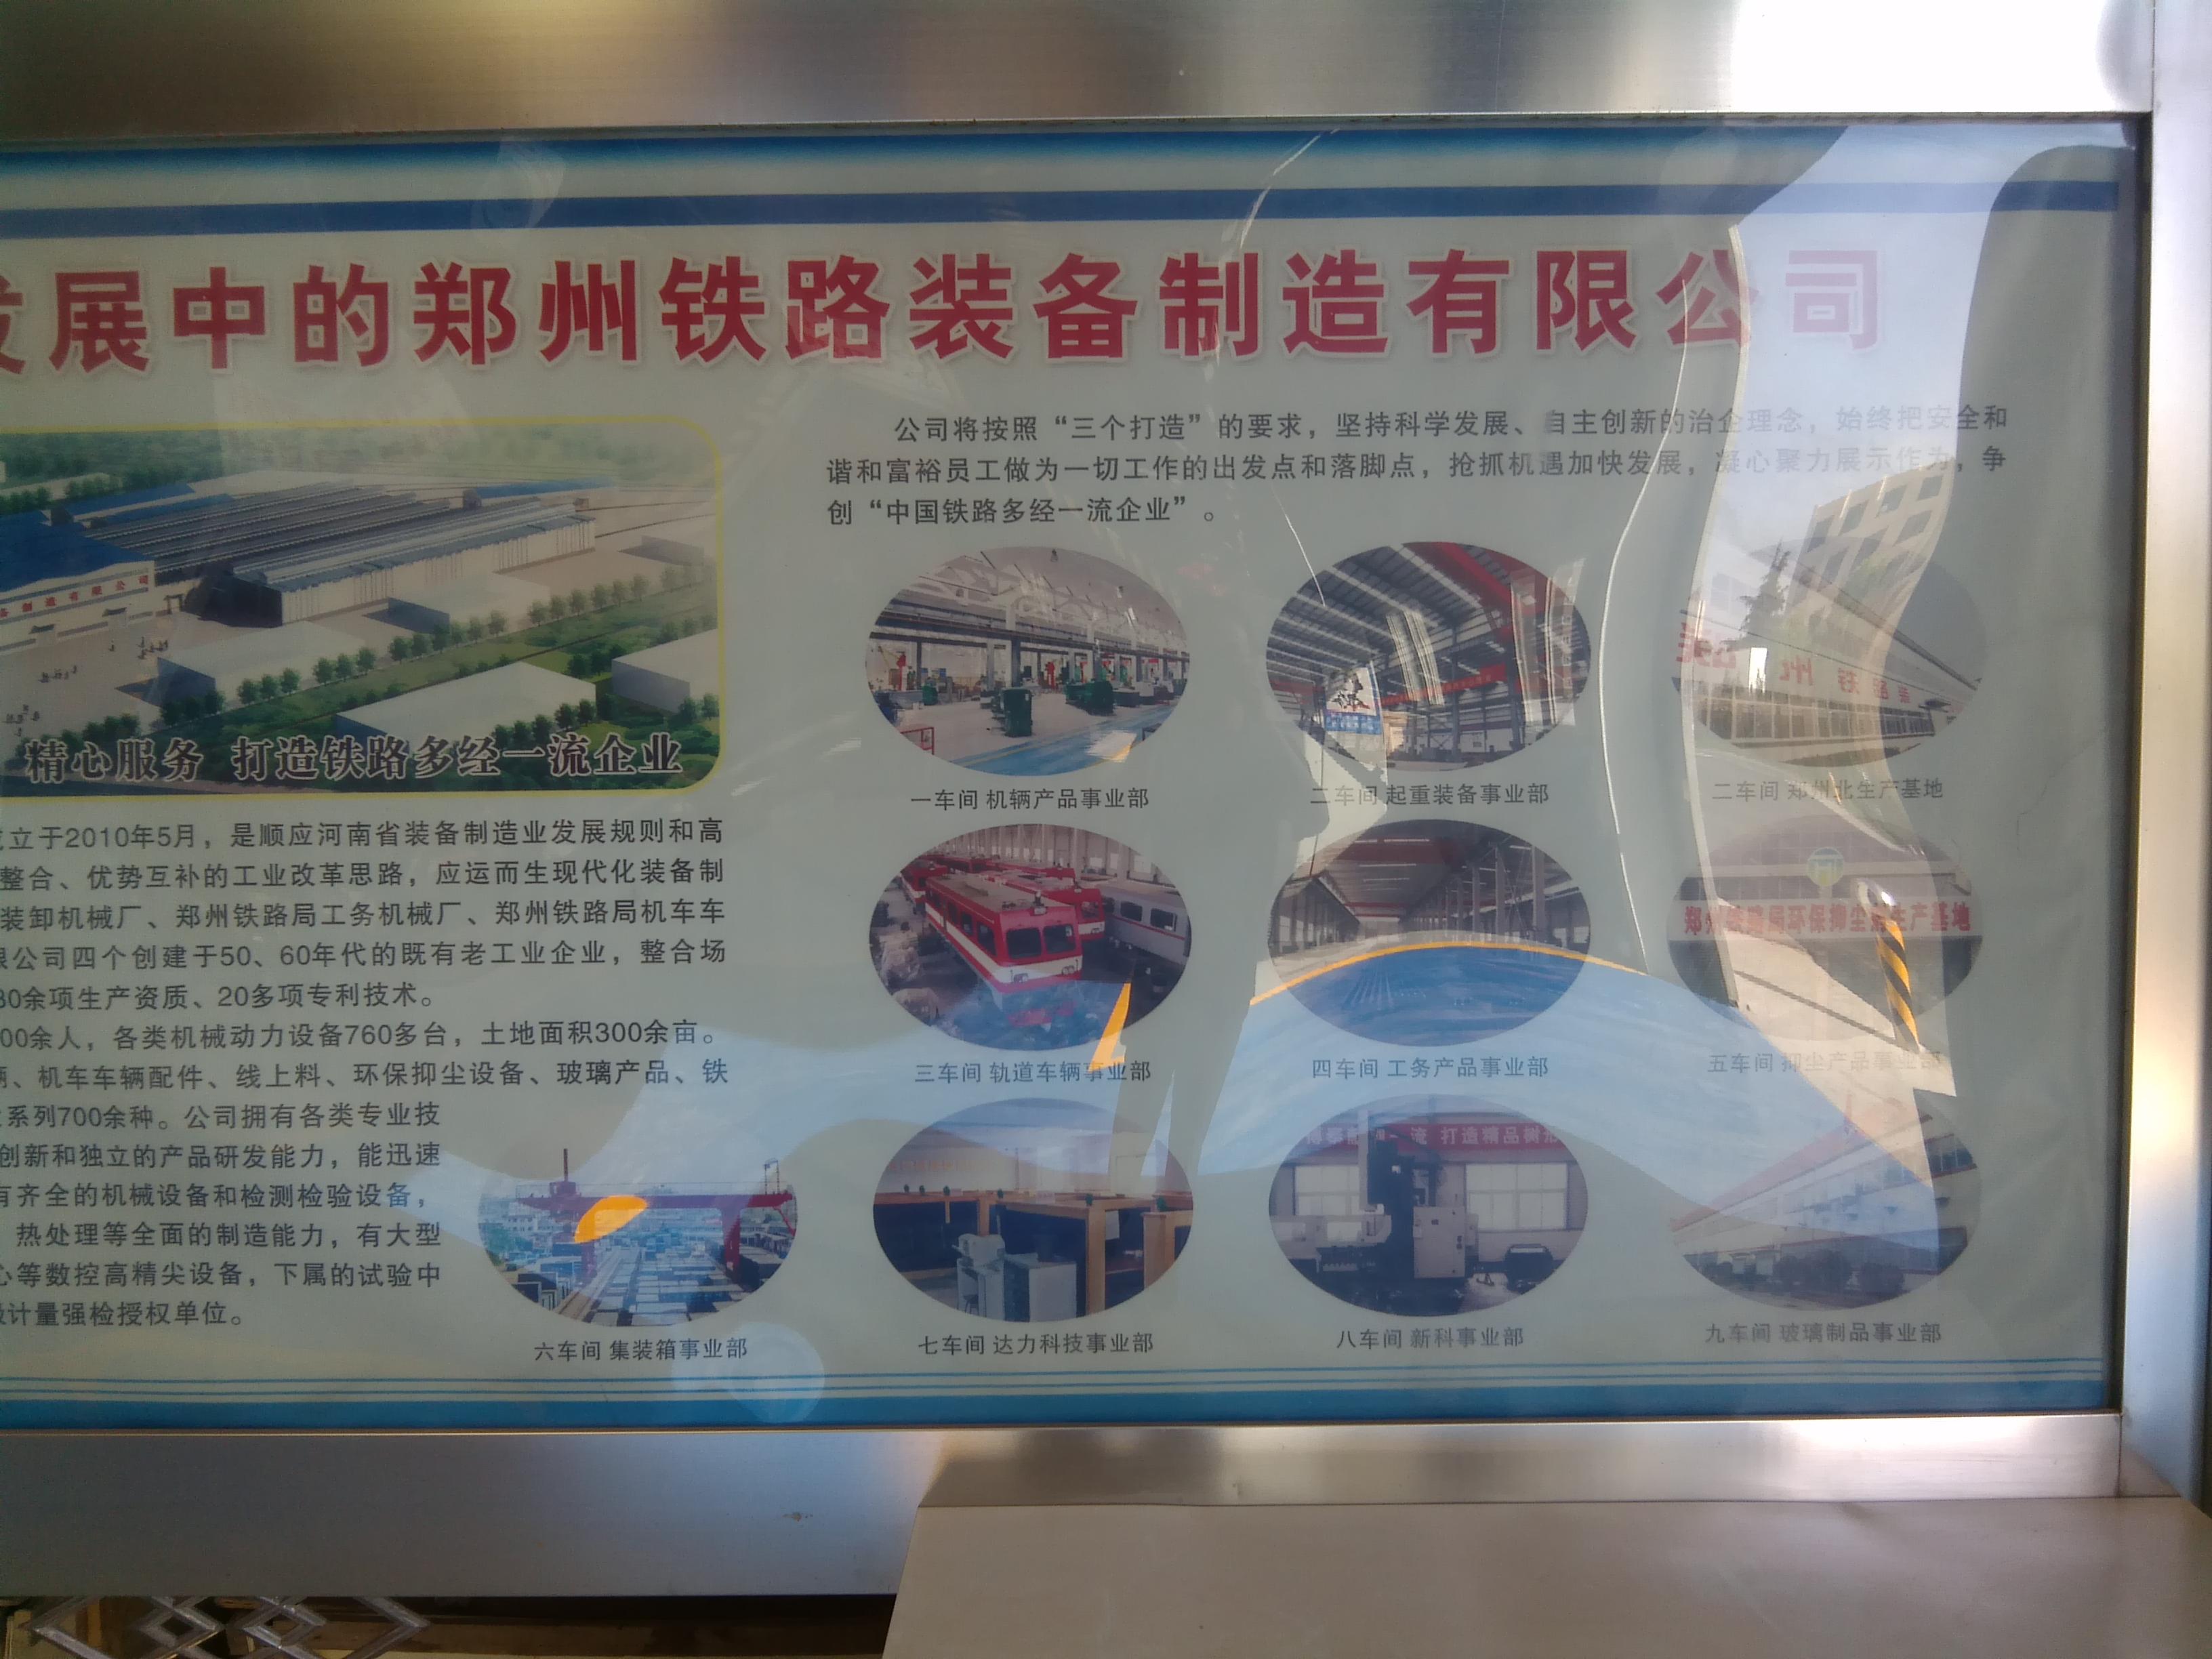 铁路局展板背景素材